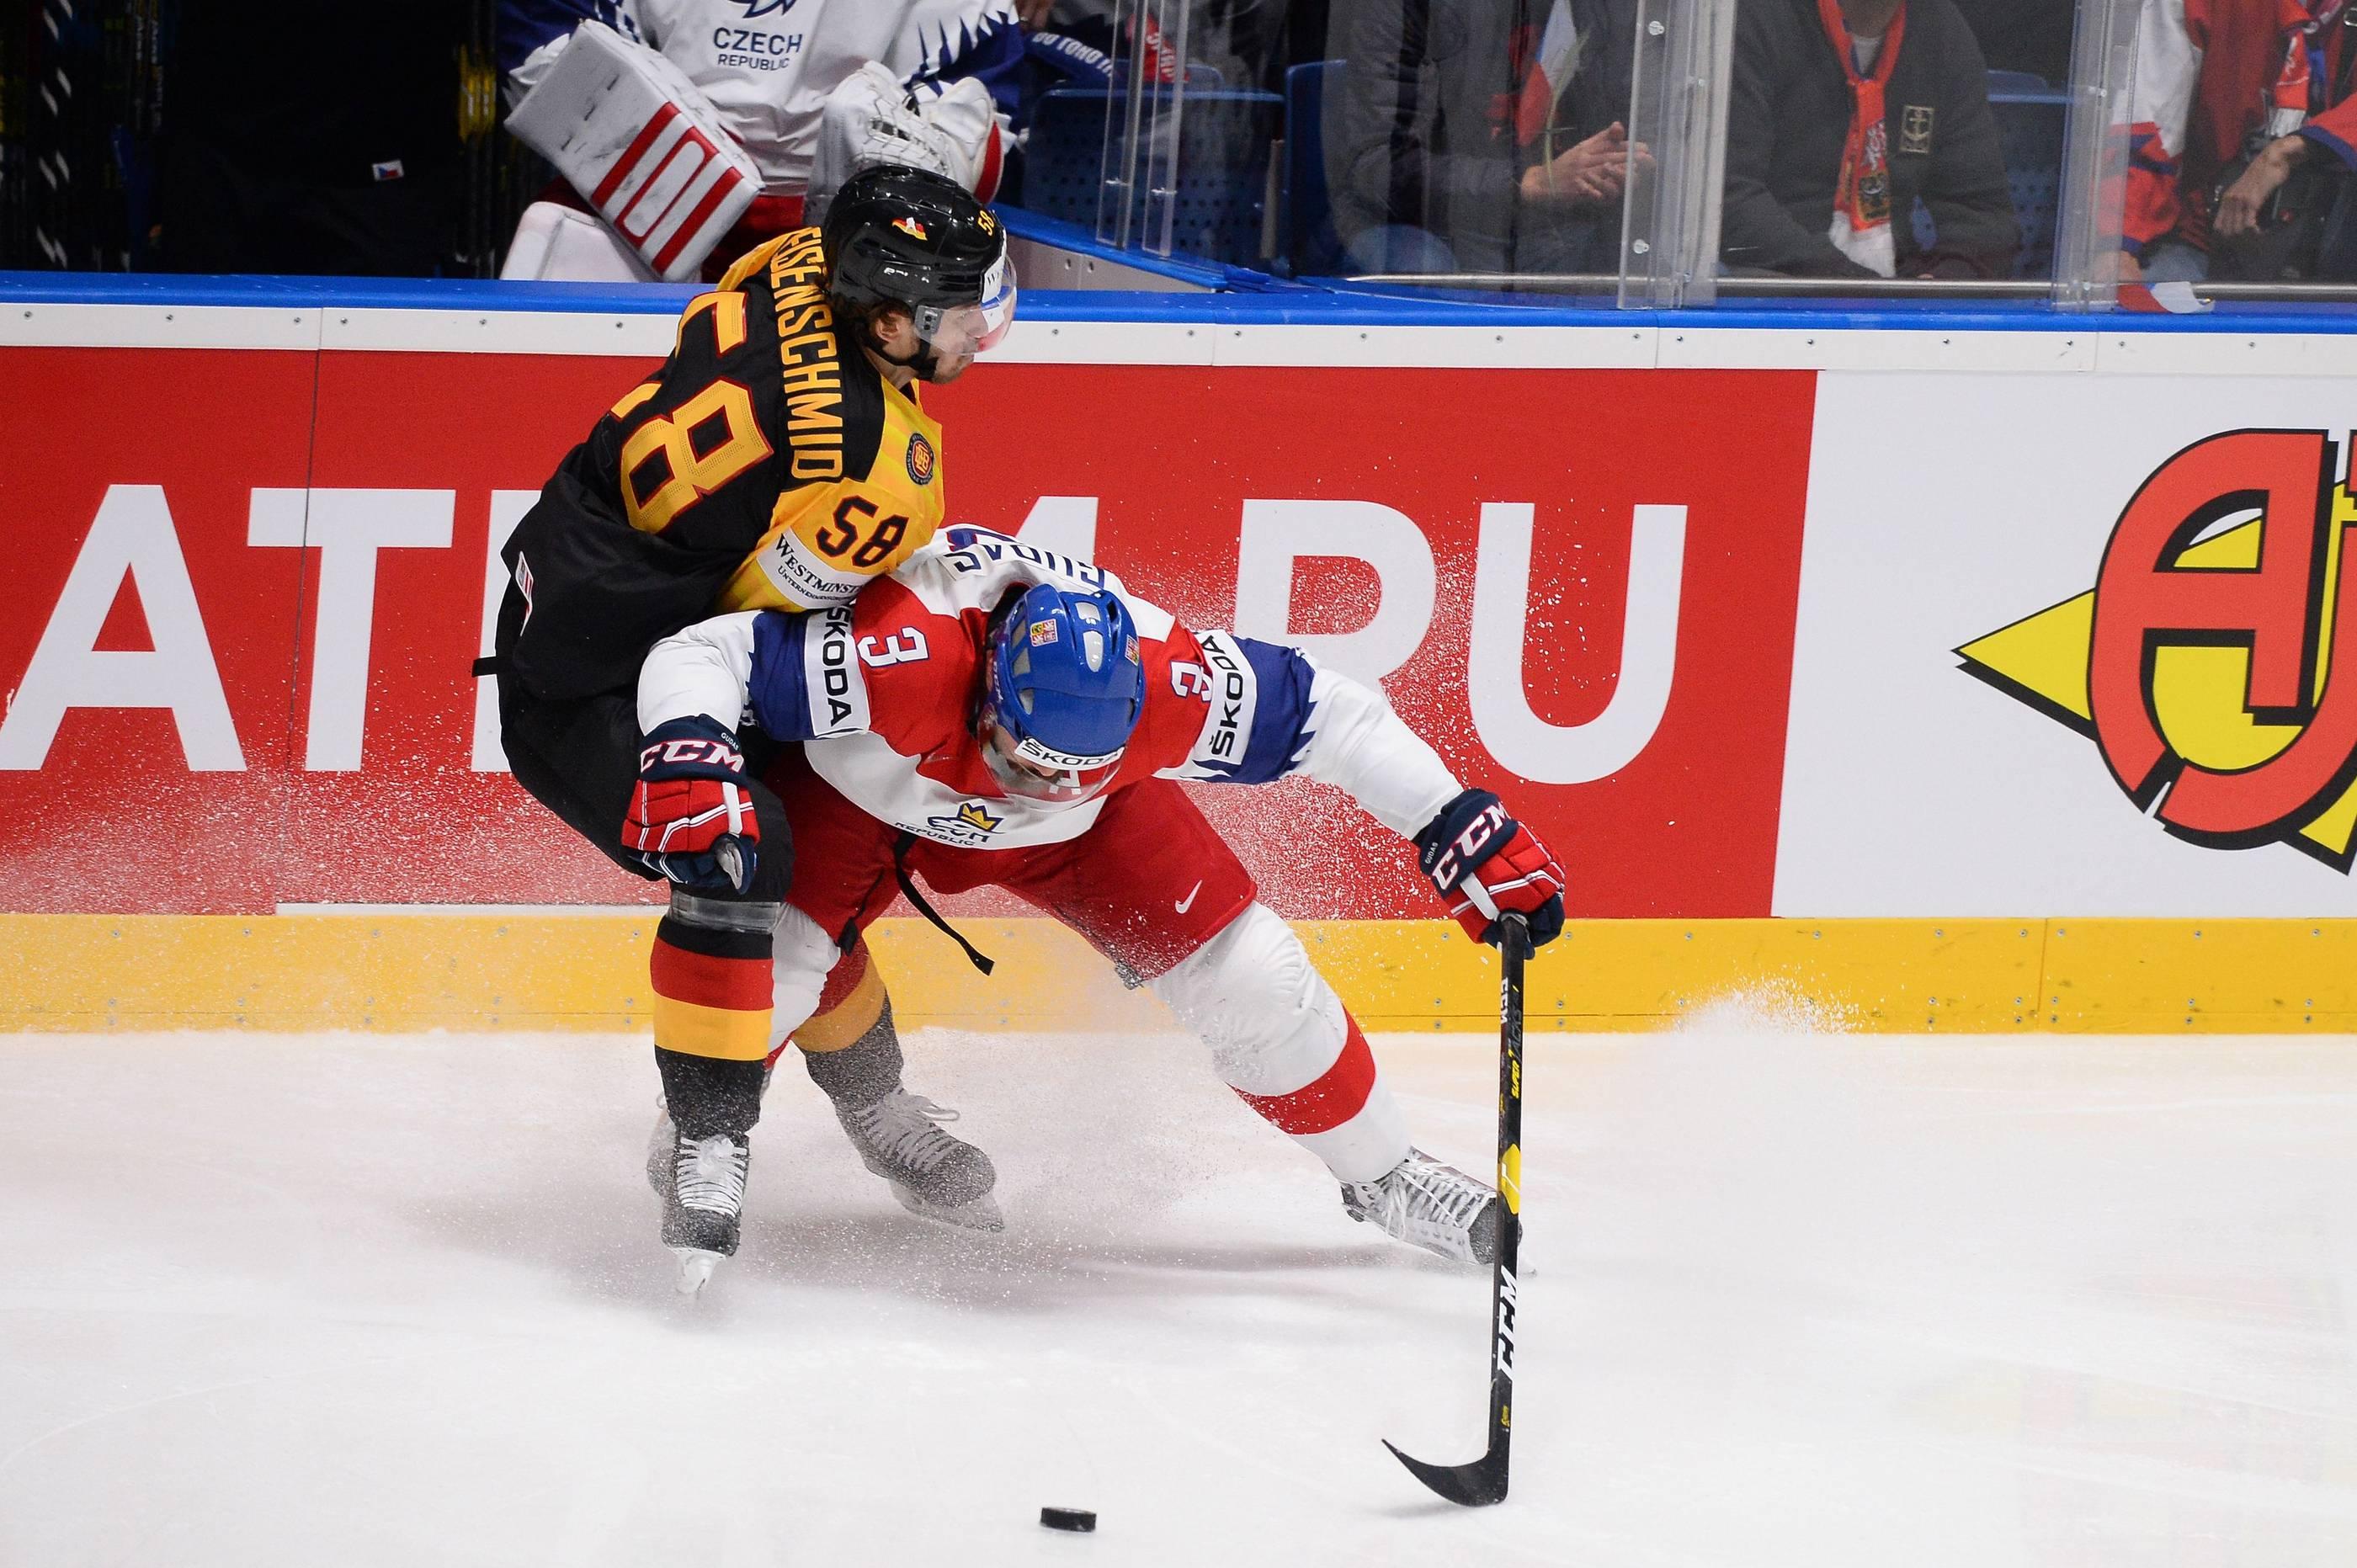 Eishockey Wm 2021 Tschechien